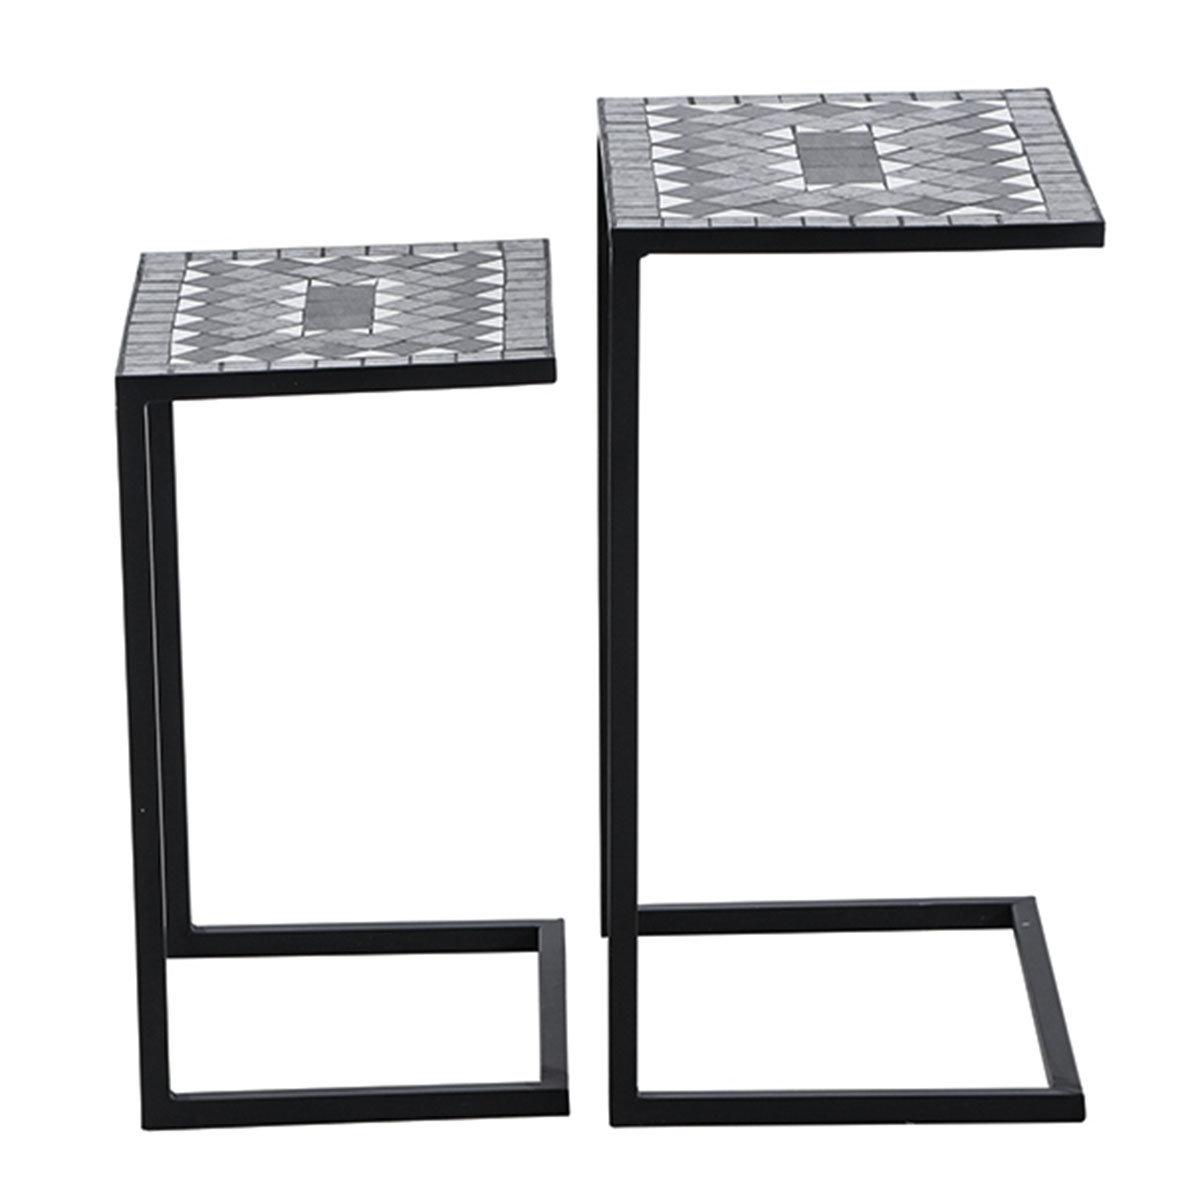 Bestelltisch Mosaik, Stahlgestell mit Keramikflächen, 2er-Set | #2